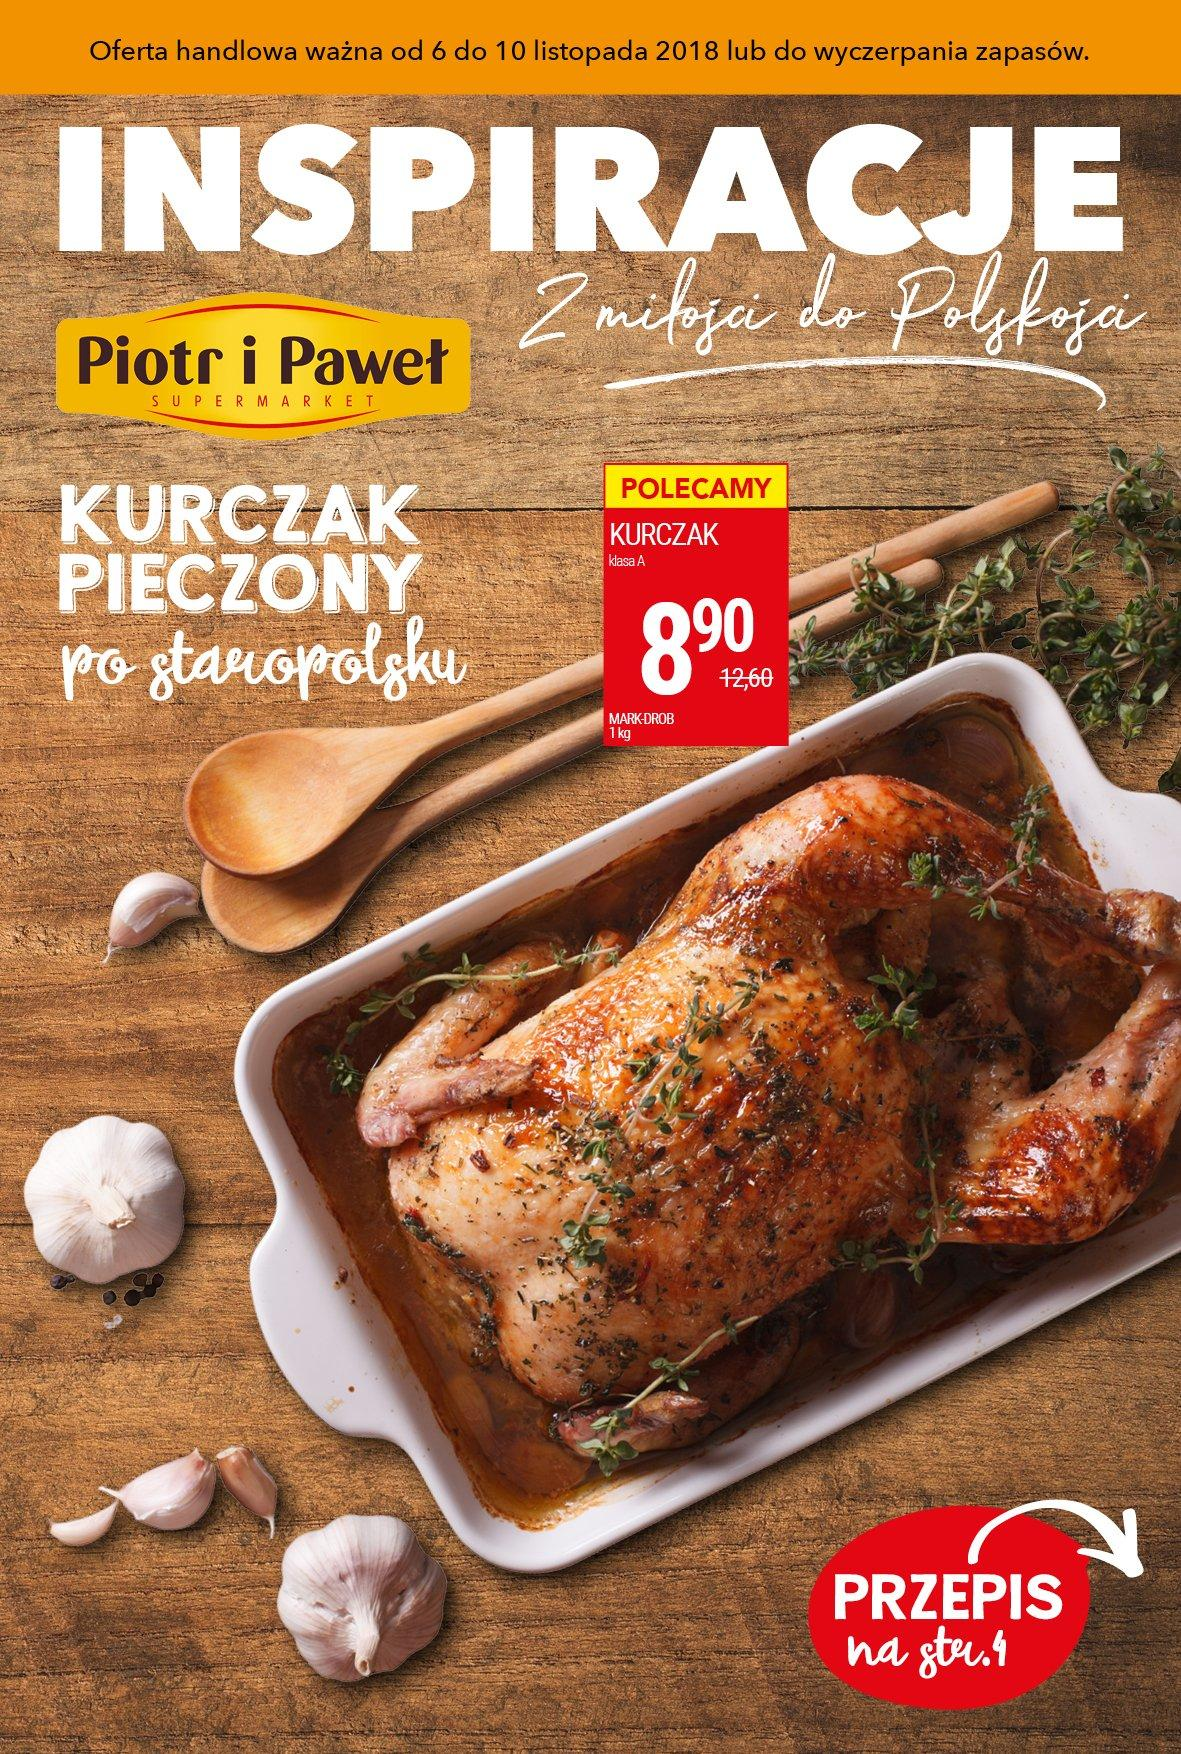 Gazetka promocyjna Piotr i Paweł do 10/11/2018 str.1